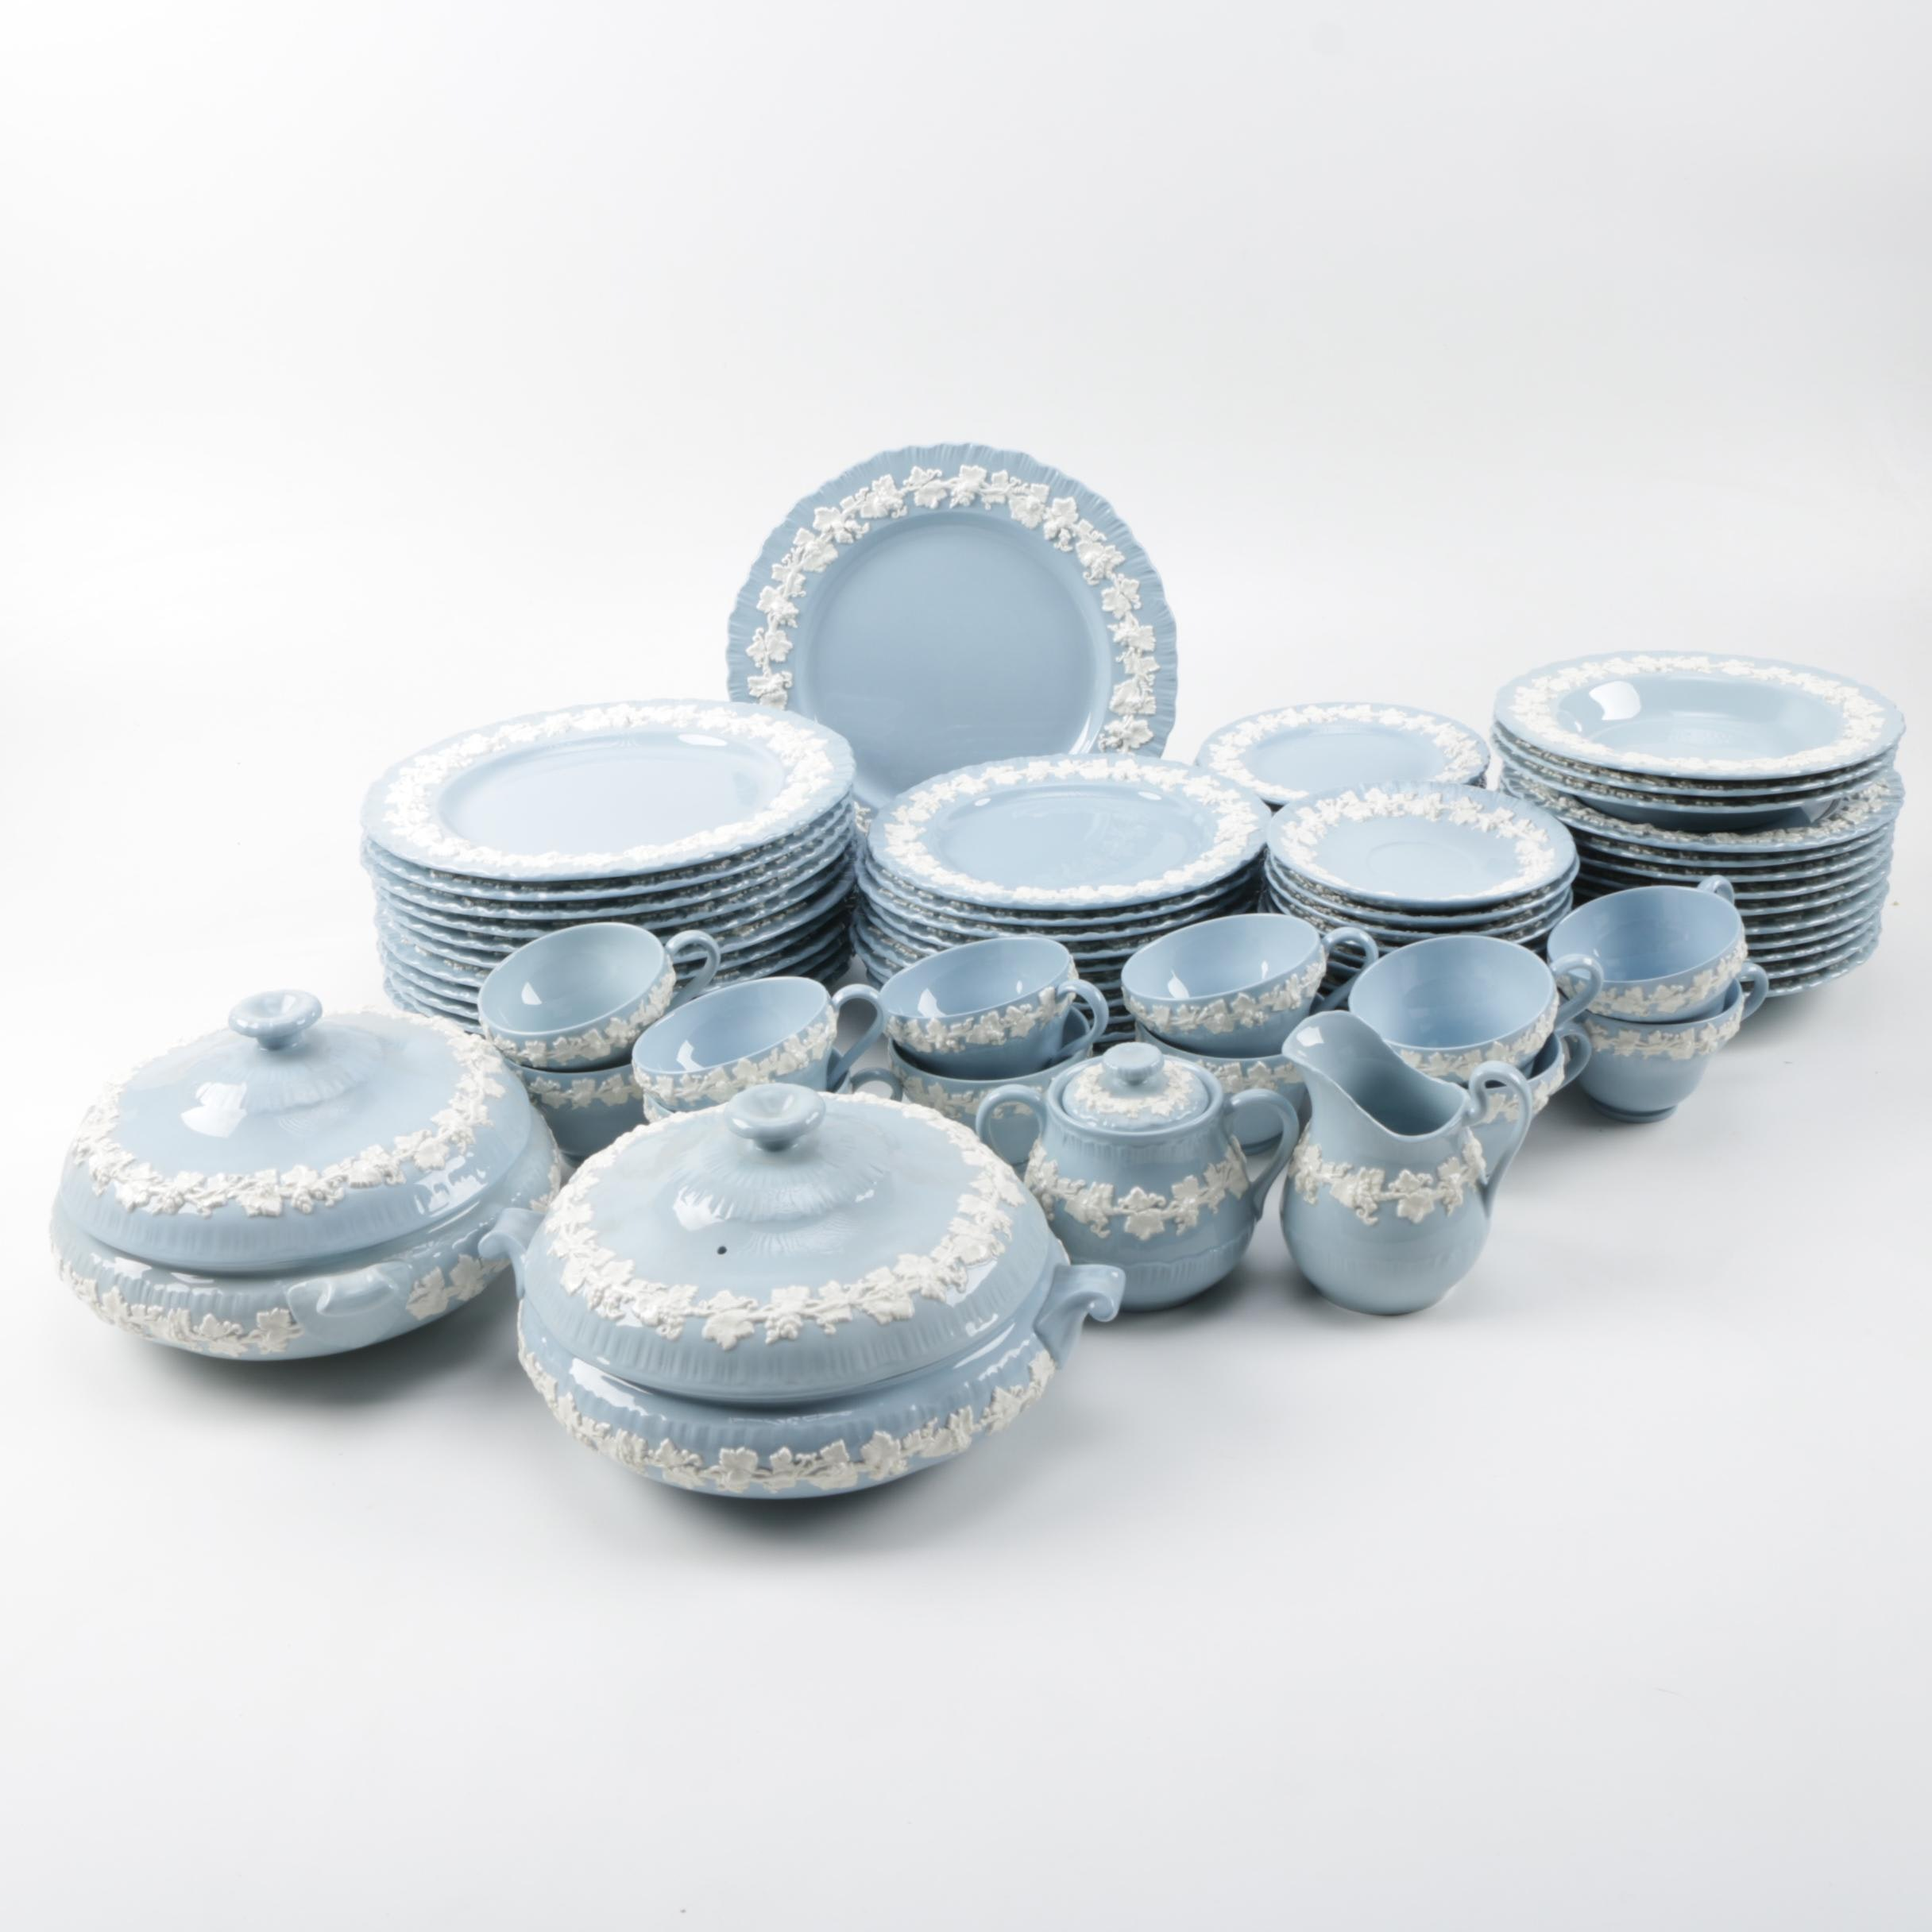 Wedgwood Queensware Tableware for Twelve